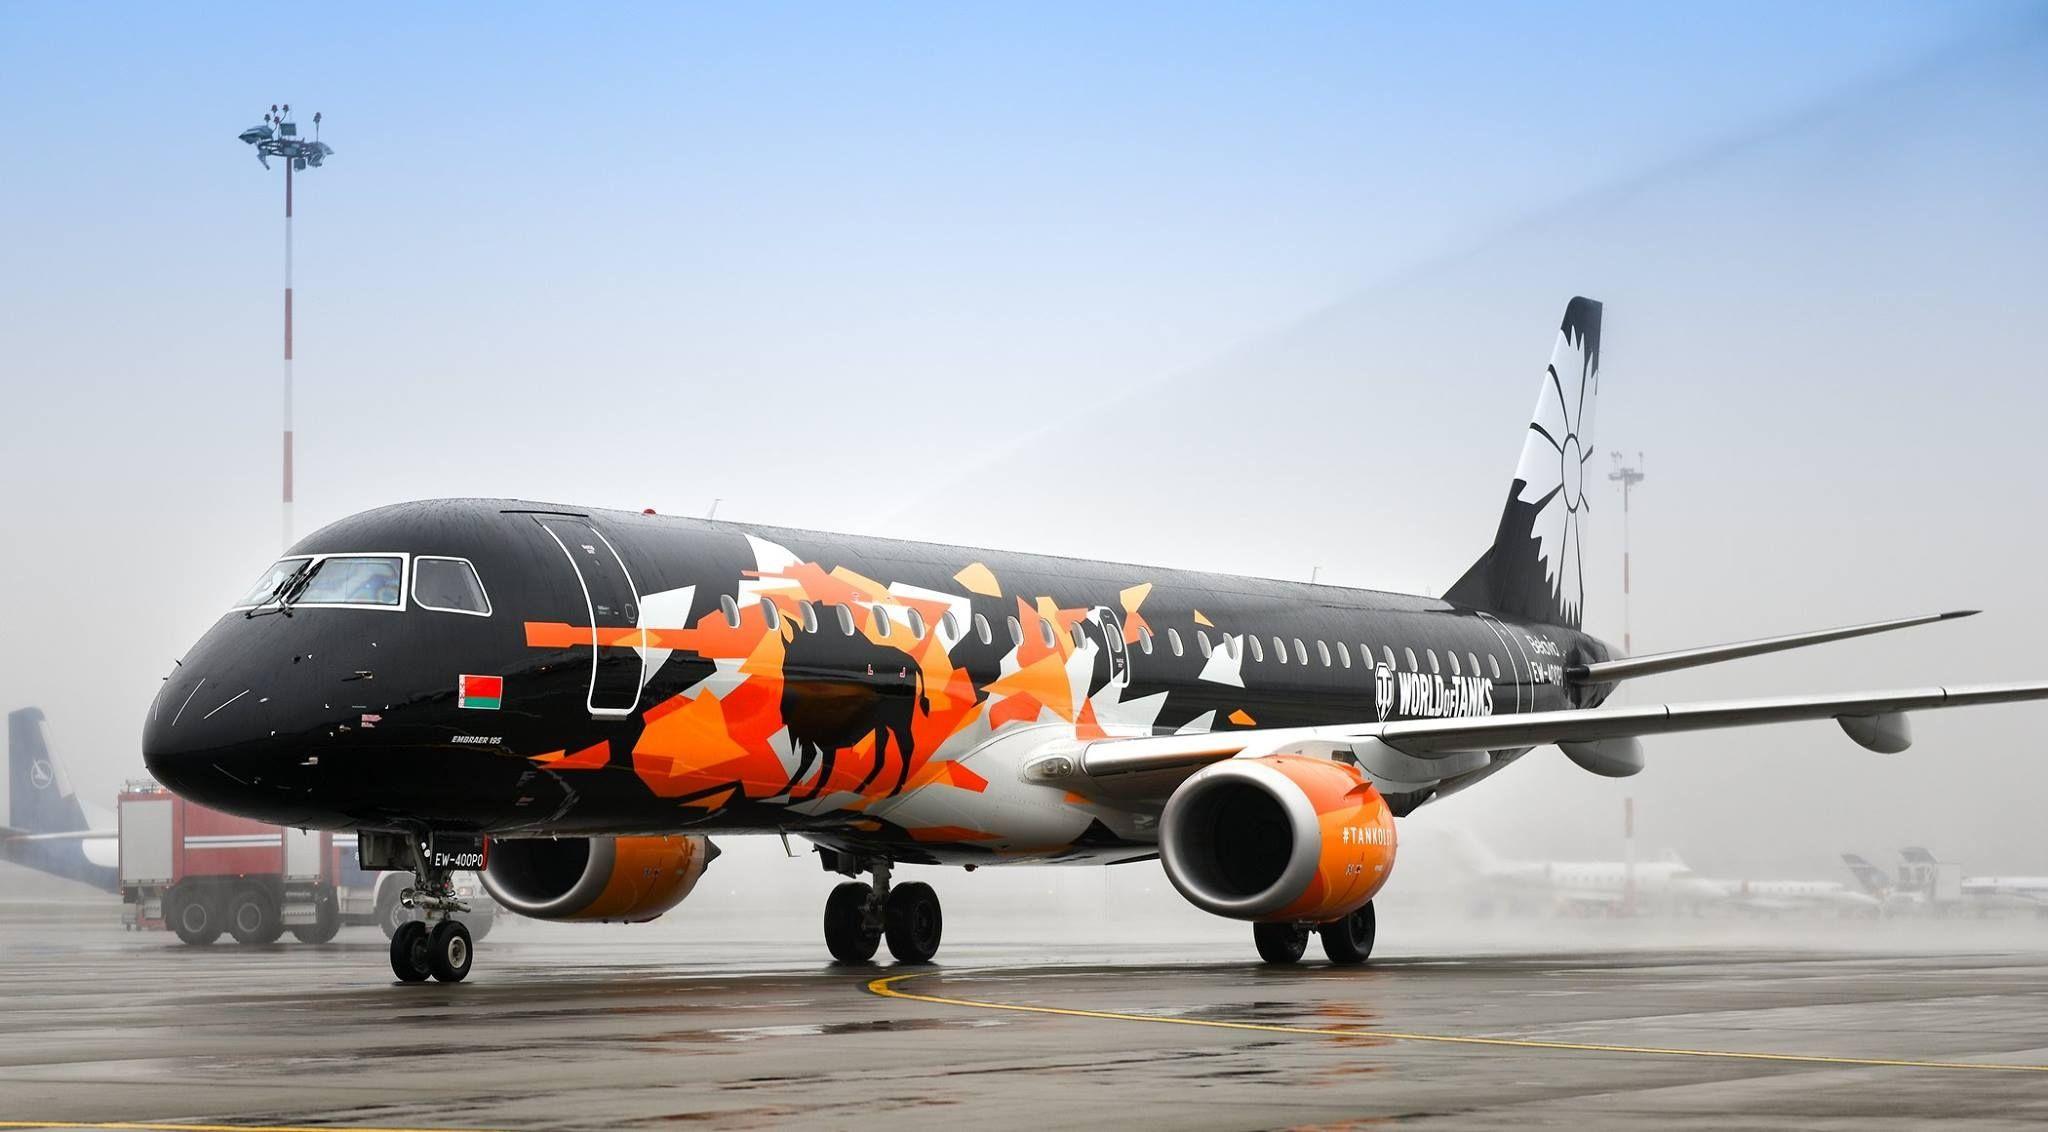 来战吧 白俄罗斯航空推出《坦克世界》主题彩绘机